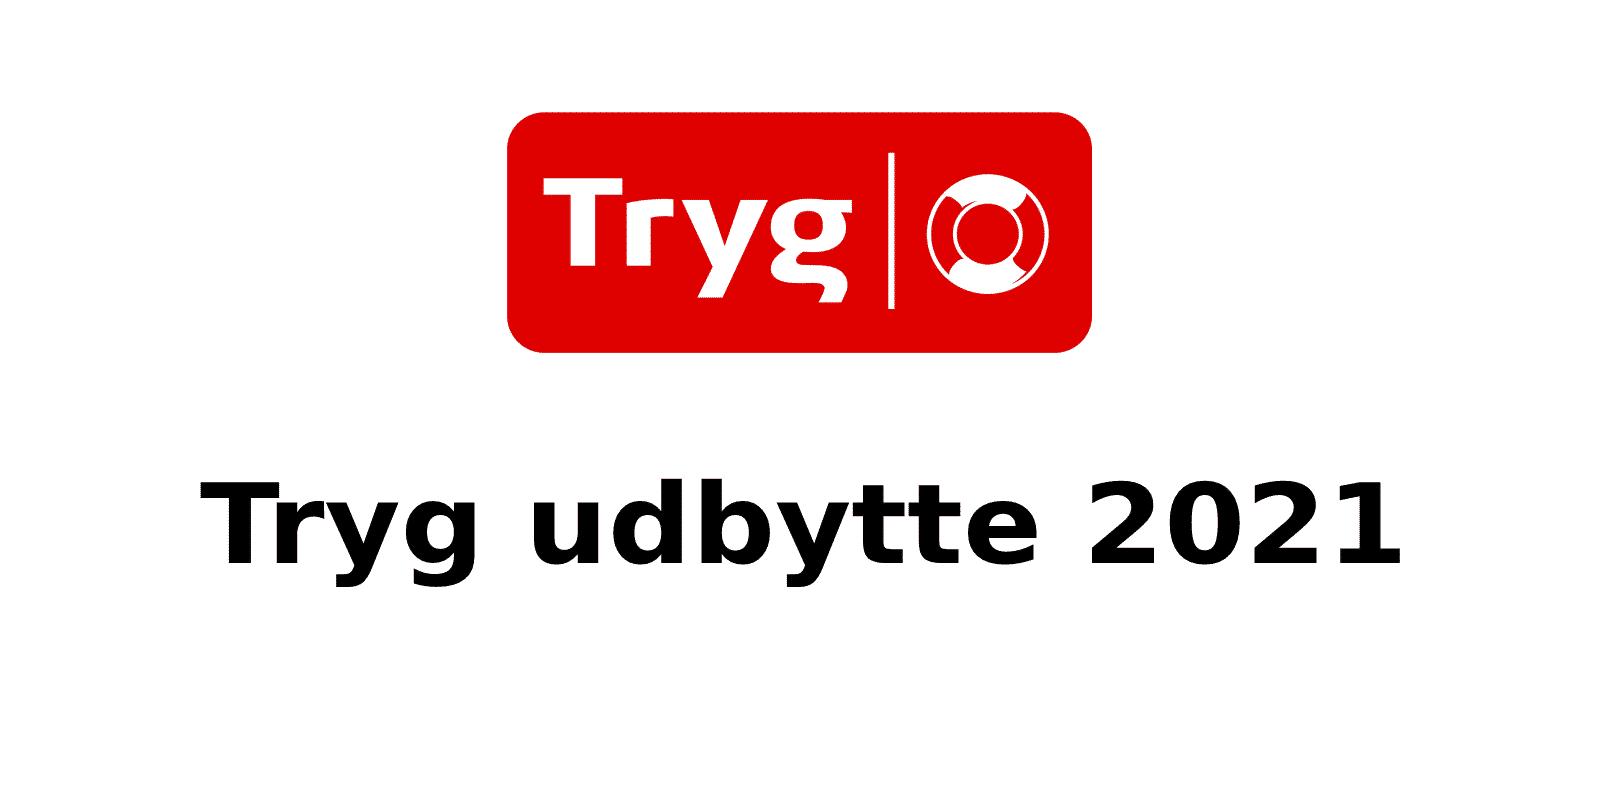 Tryg udbytte 2021